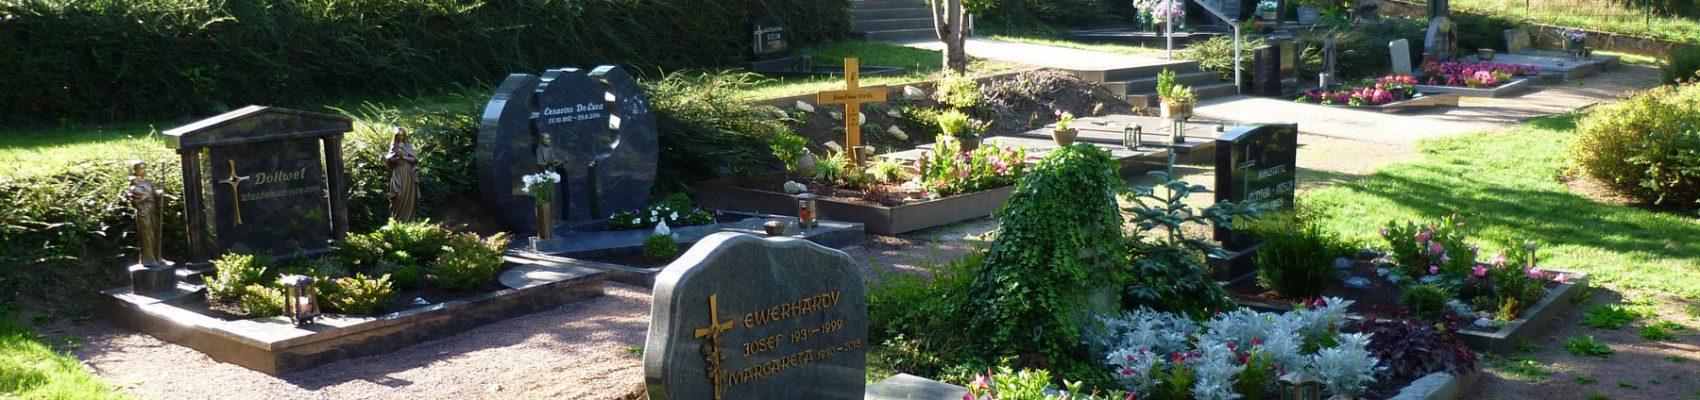 Friedhof Büdingen